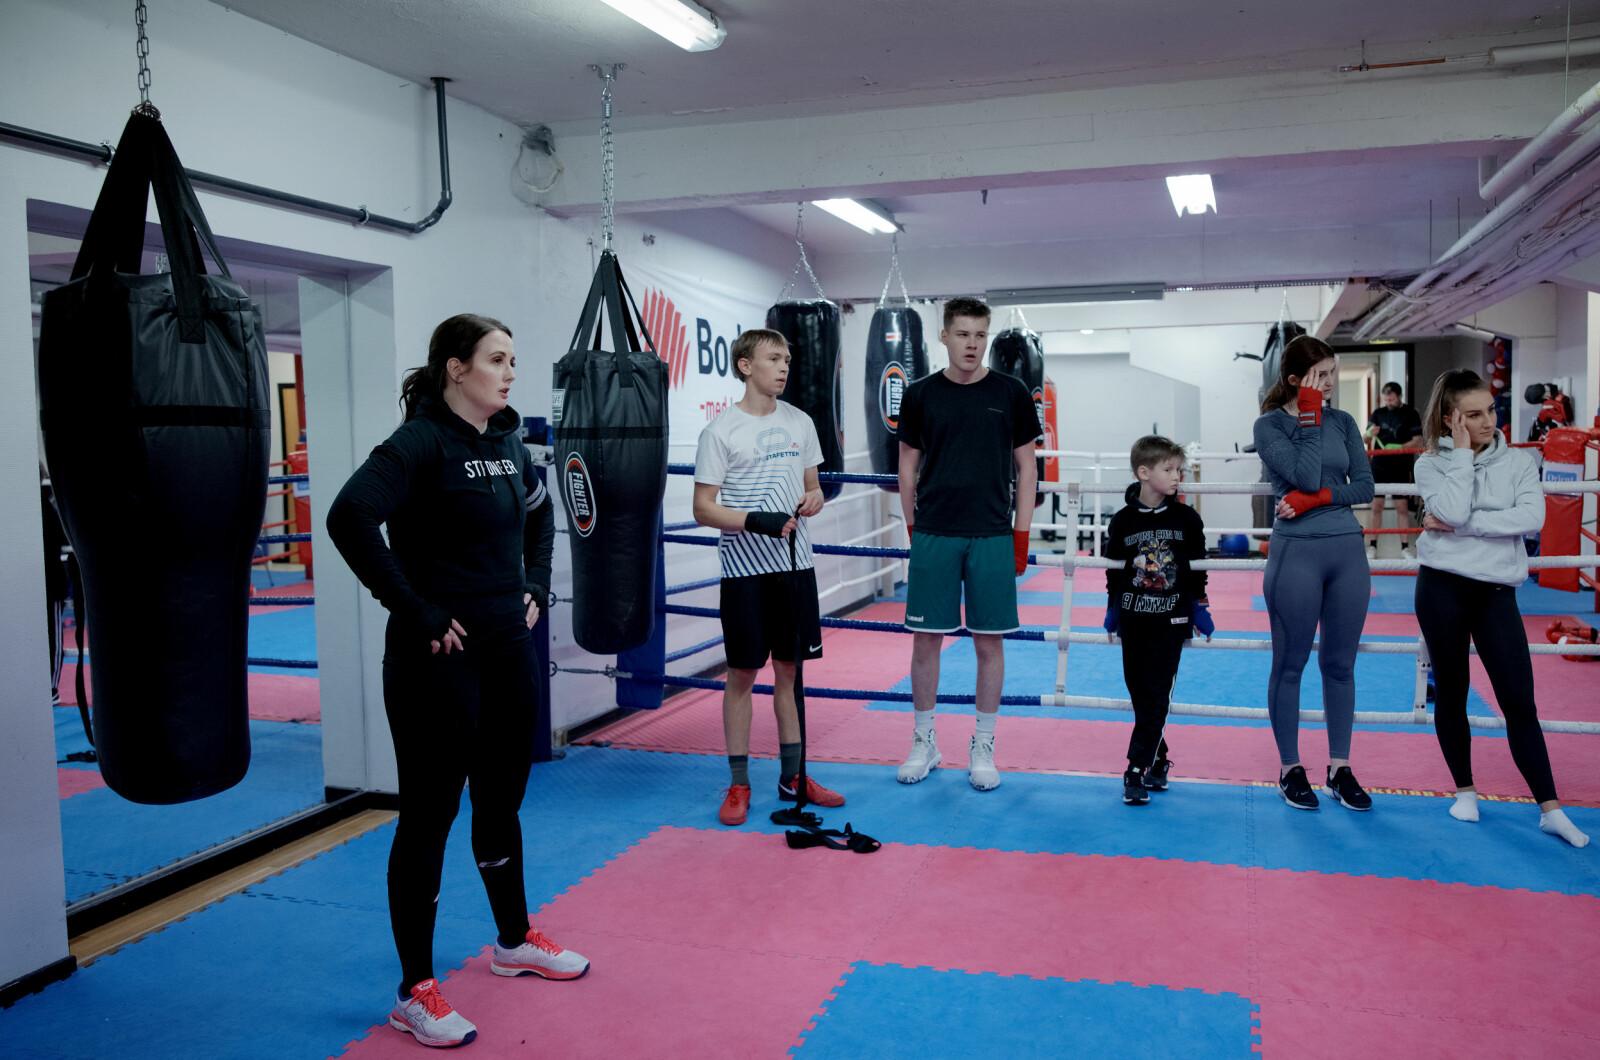 Bodø bokseklubb kan skilte med 23 norgesmeistrar, og fleire kjem det til å bli. Ein av dei er Anne Tjønndal som tok NM-gullet i 60 kg-klassen i 2016.